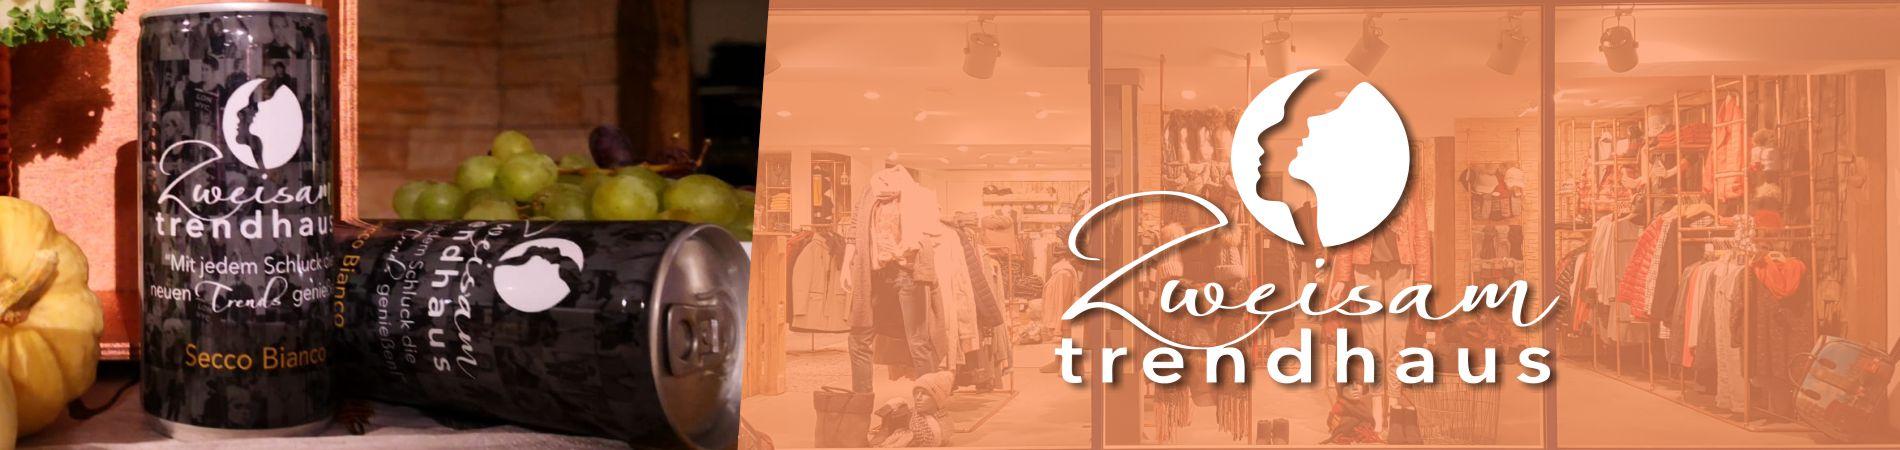 Zweisam trendhaus kategorie Logo banner